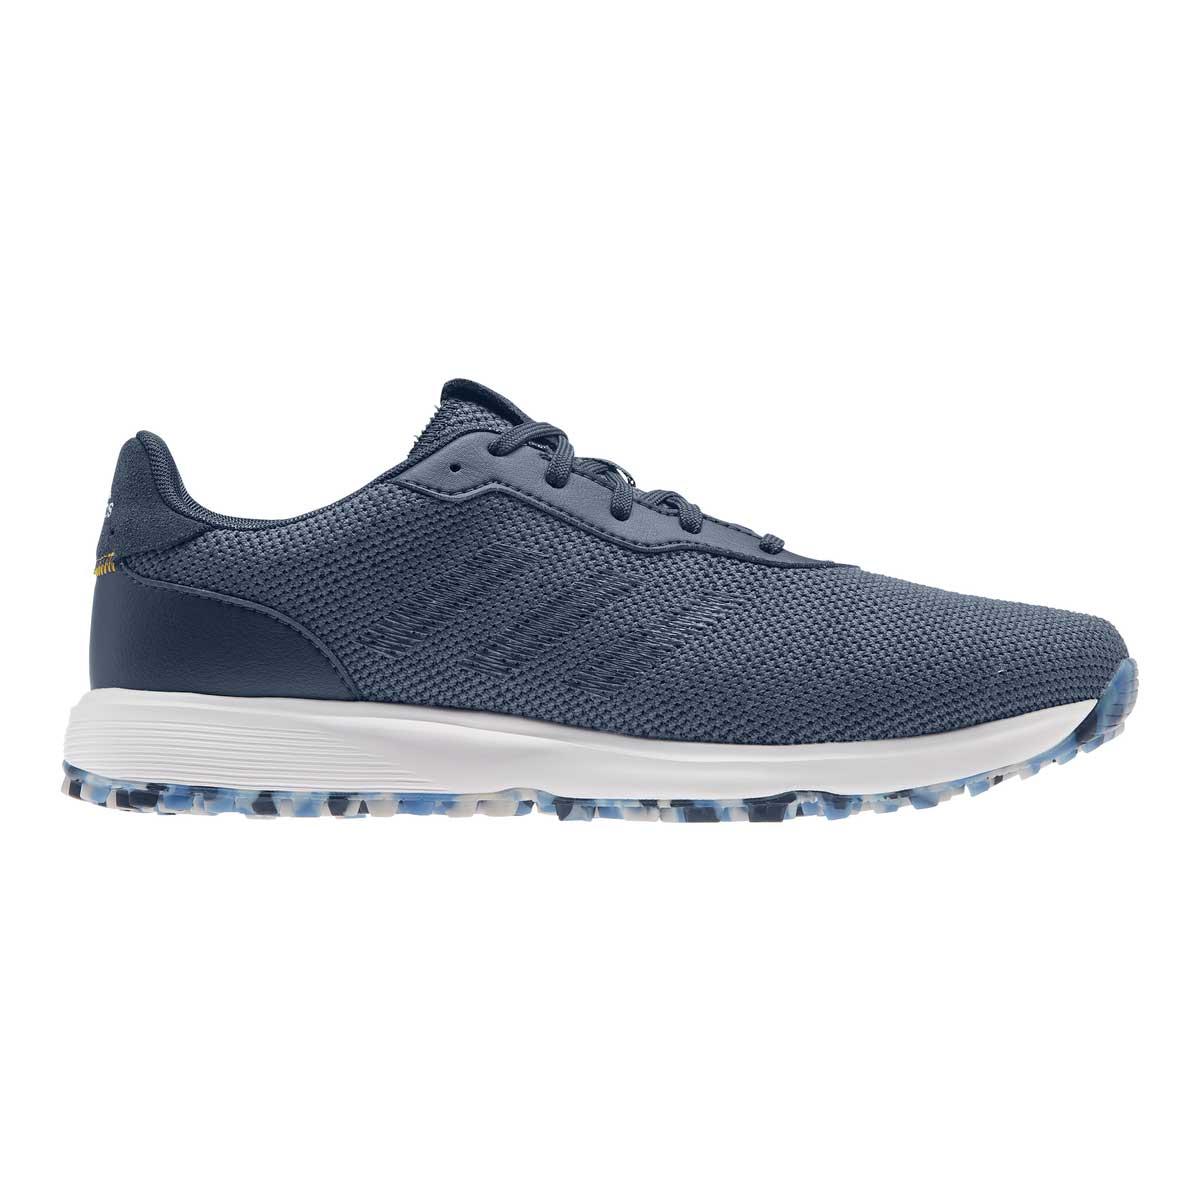 Adidas Men's S2G Crew Blue/Navy Spikeless Golf Shoe